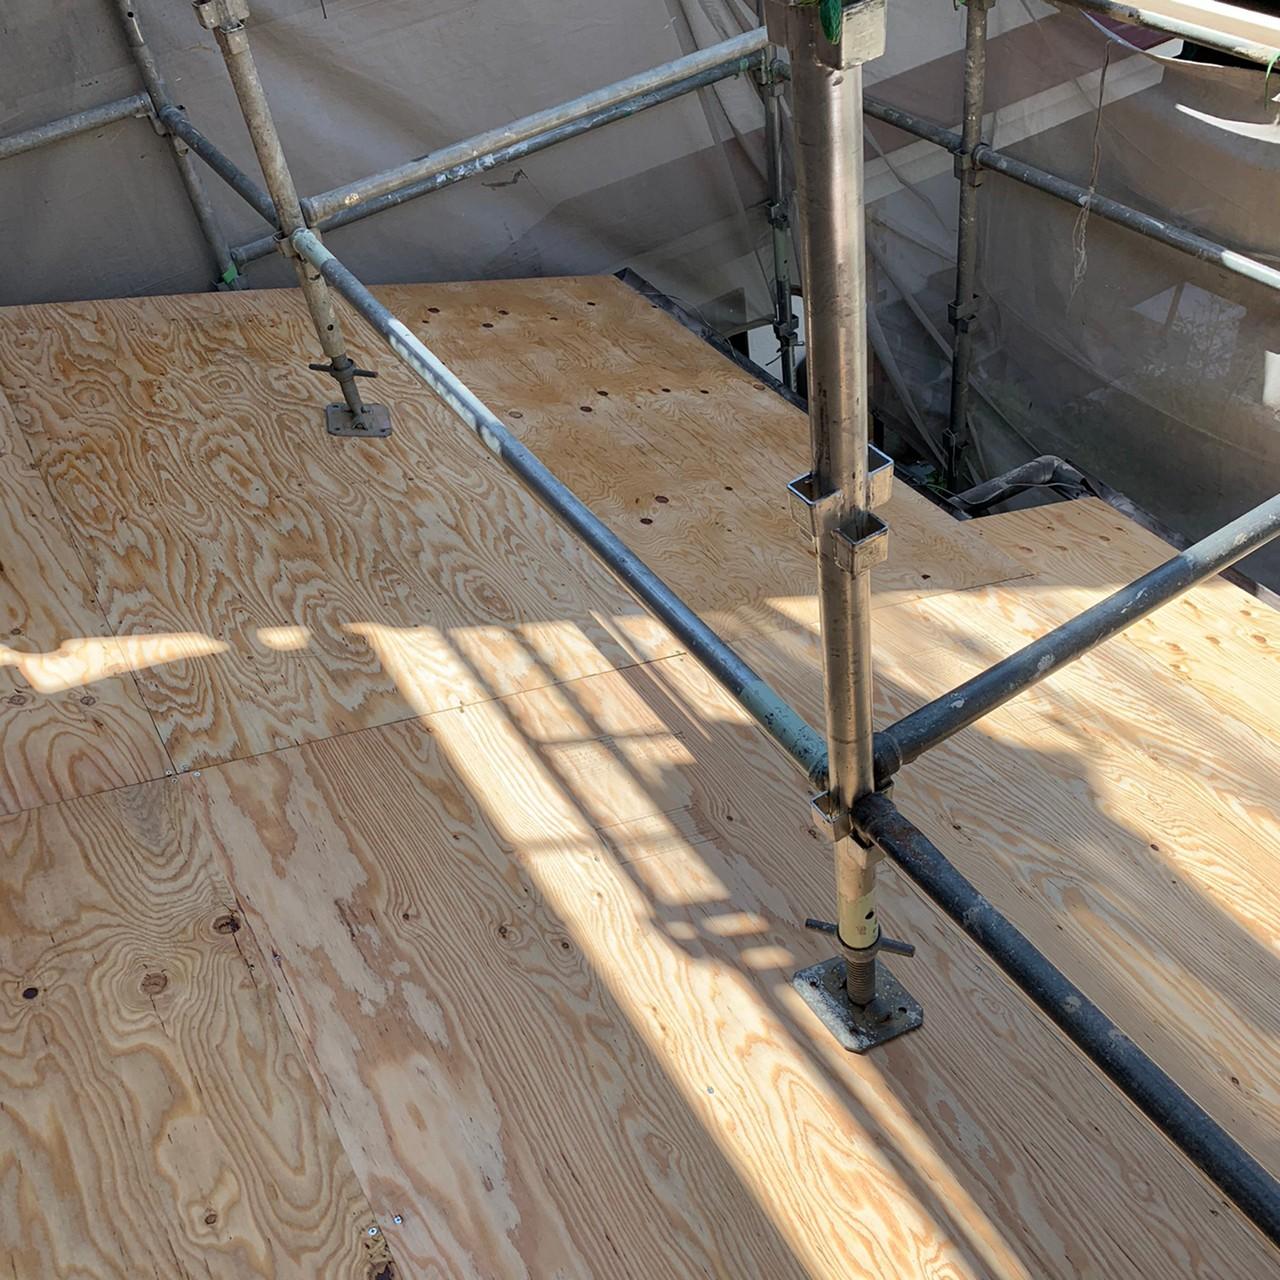 雨漏りしている瓦屋根の下地を葺き替え工事で補強した様子